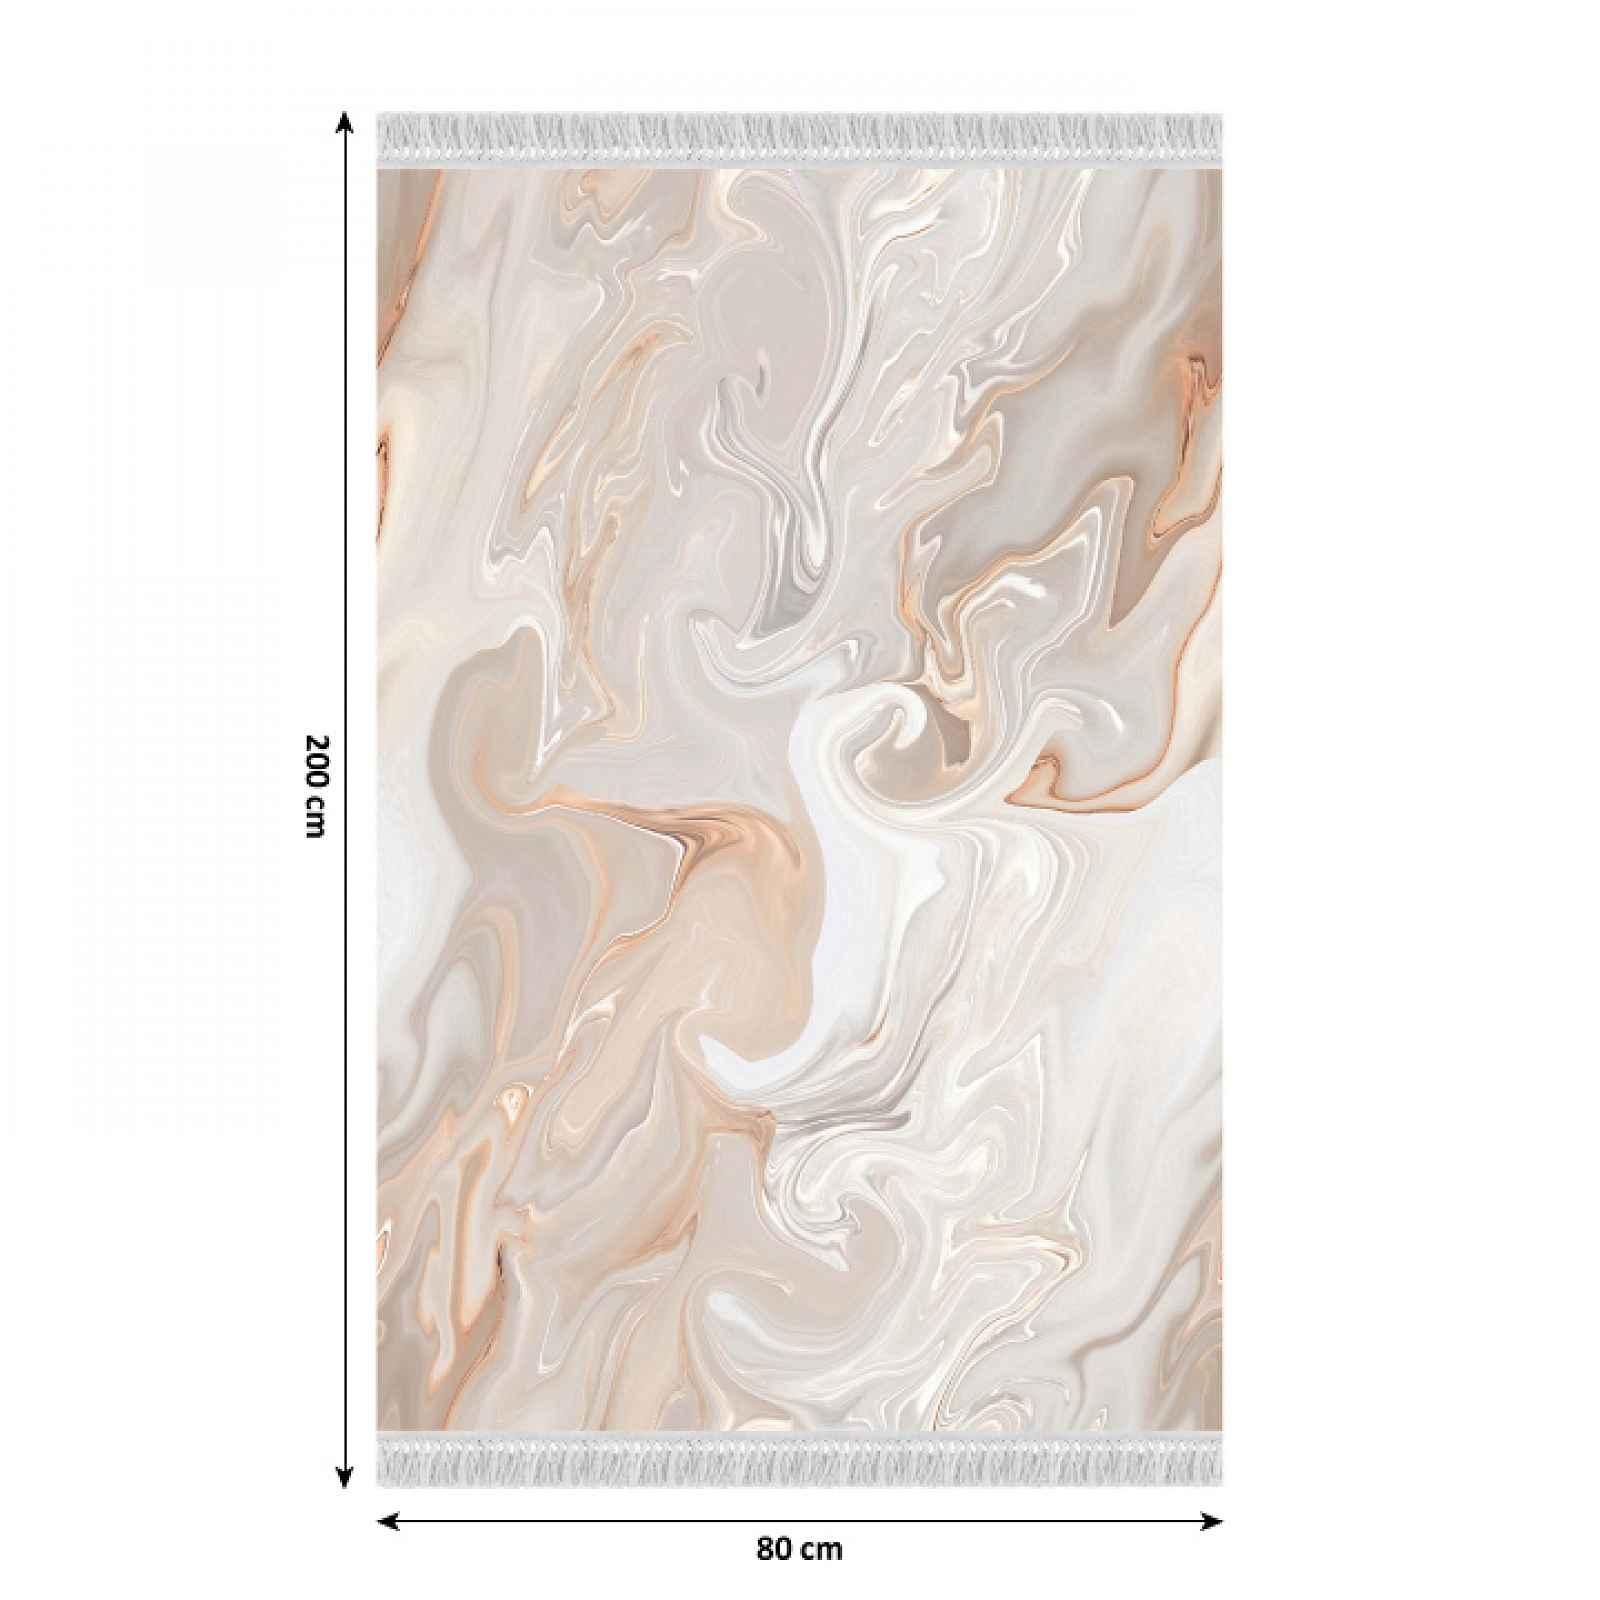 Koberec s třásněmi RENOX TYP 2 béžová / krémová / bílá Tempo Kondela 80x200 cm